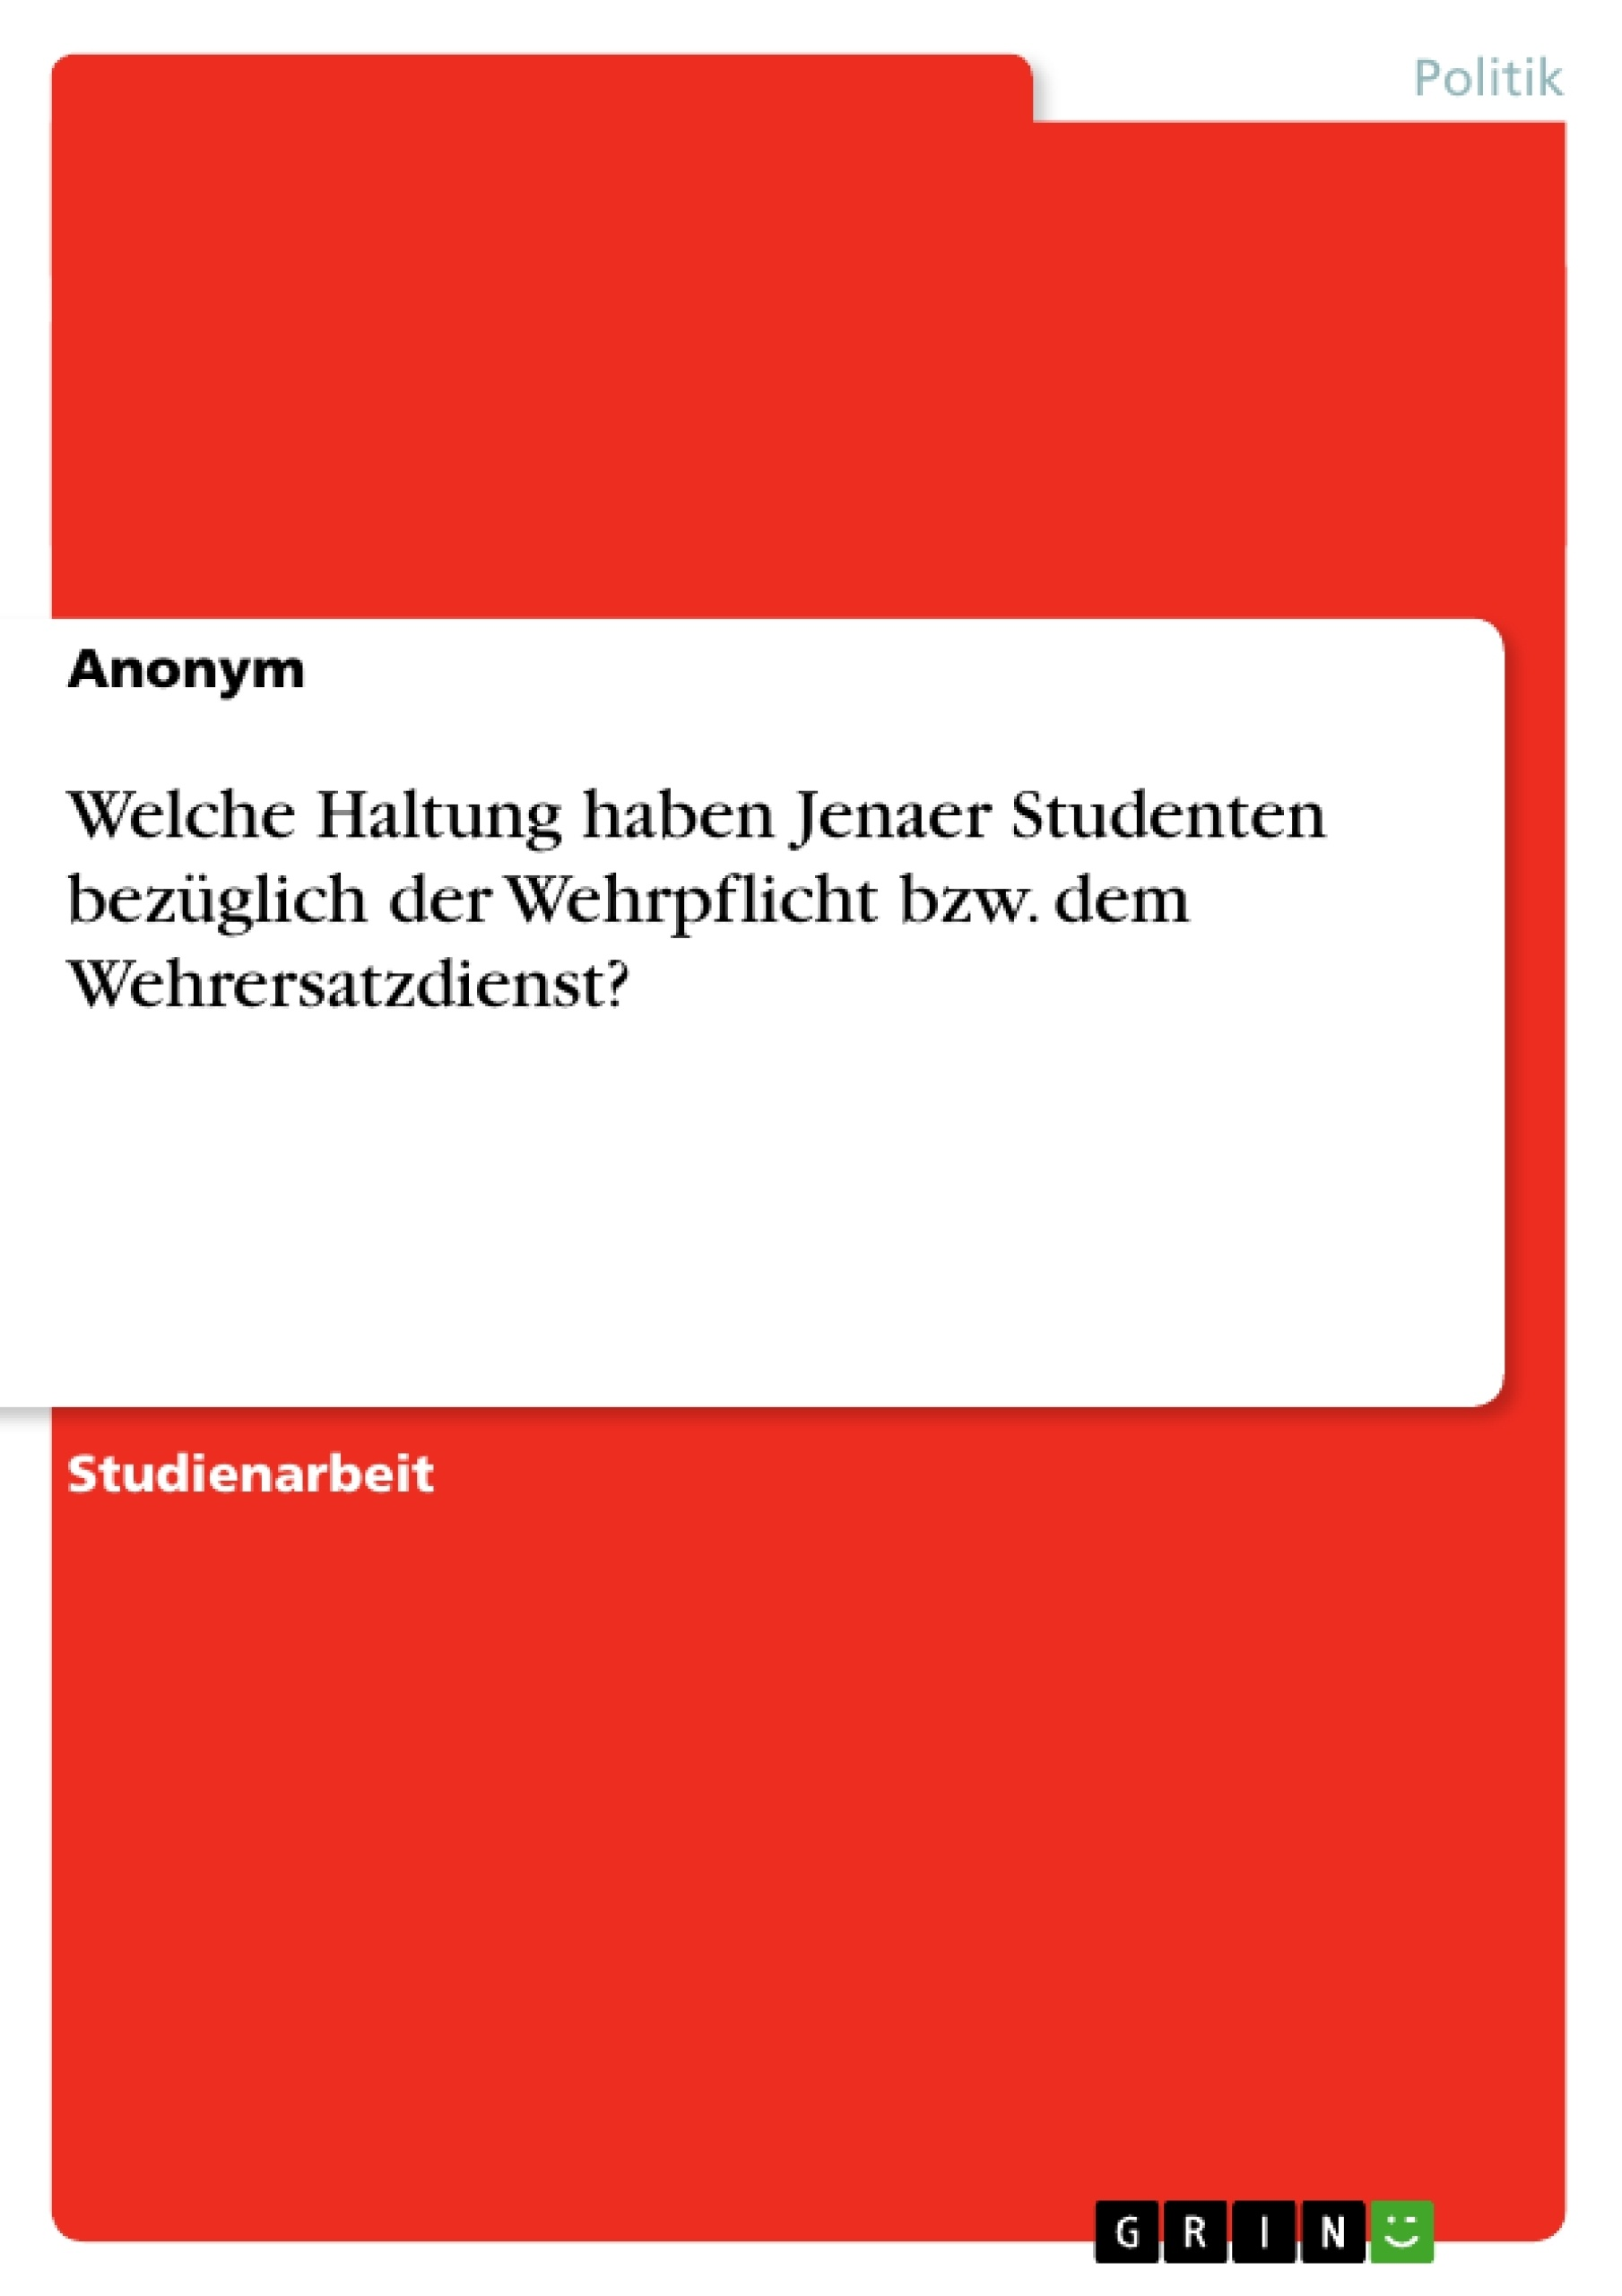 Titel: Welche Haltung haben Jenaer Studenten bezüglich der Wehrpflicht bzw. dem Wehrersatzdienst?